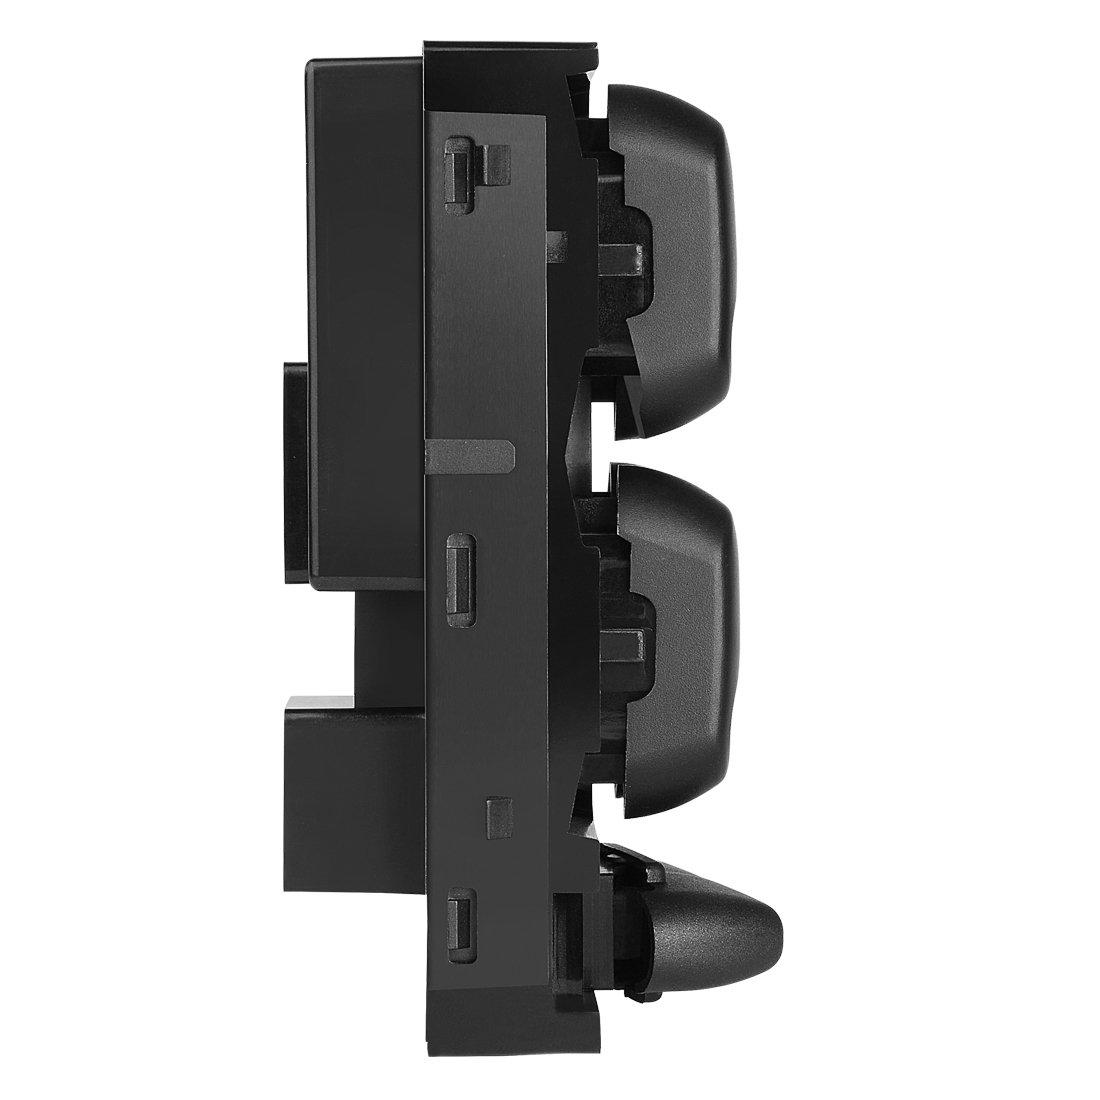 AUTOSAVER88 Power Master Window Switch 2L3Z14529BA for 2000-2007 Ford Taurus window switch 2000-2005 Mercury Sable window switch